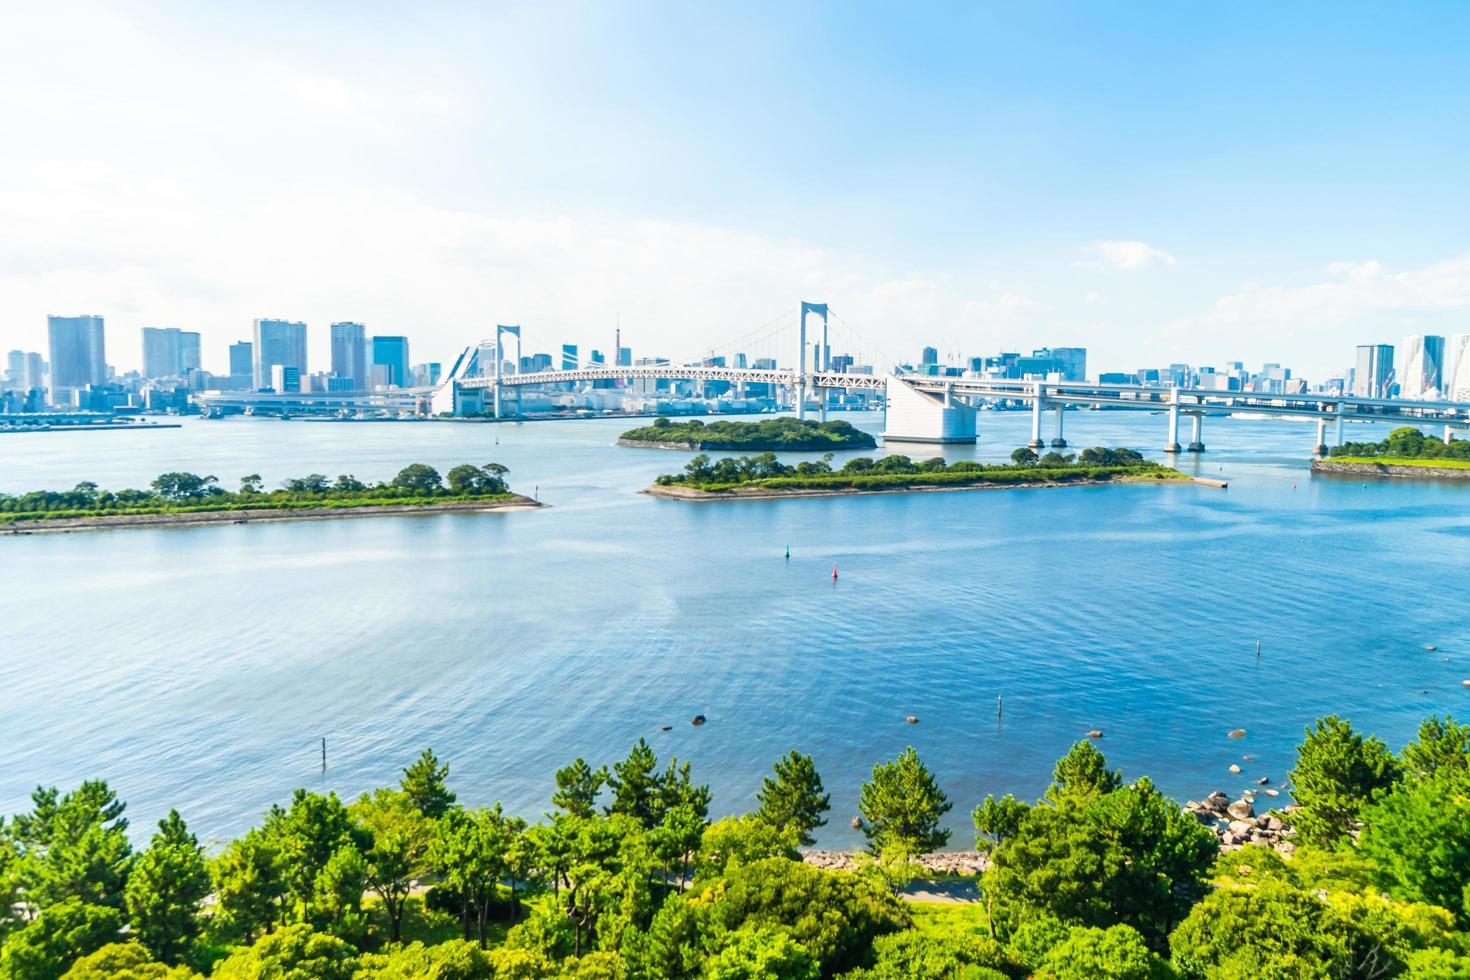 paisaje urbano de la ciudad de tokio con el puente arcoiris foto